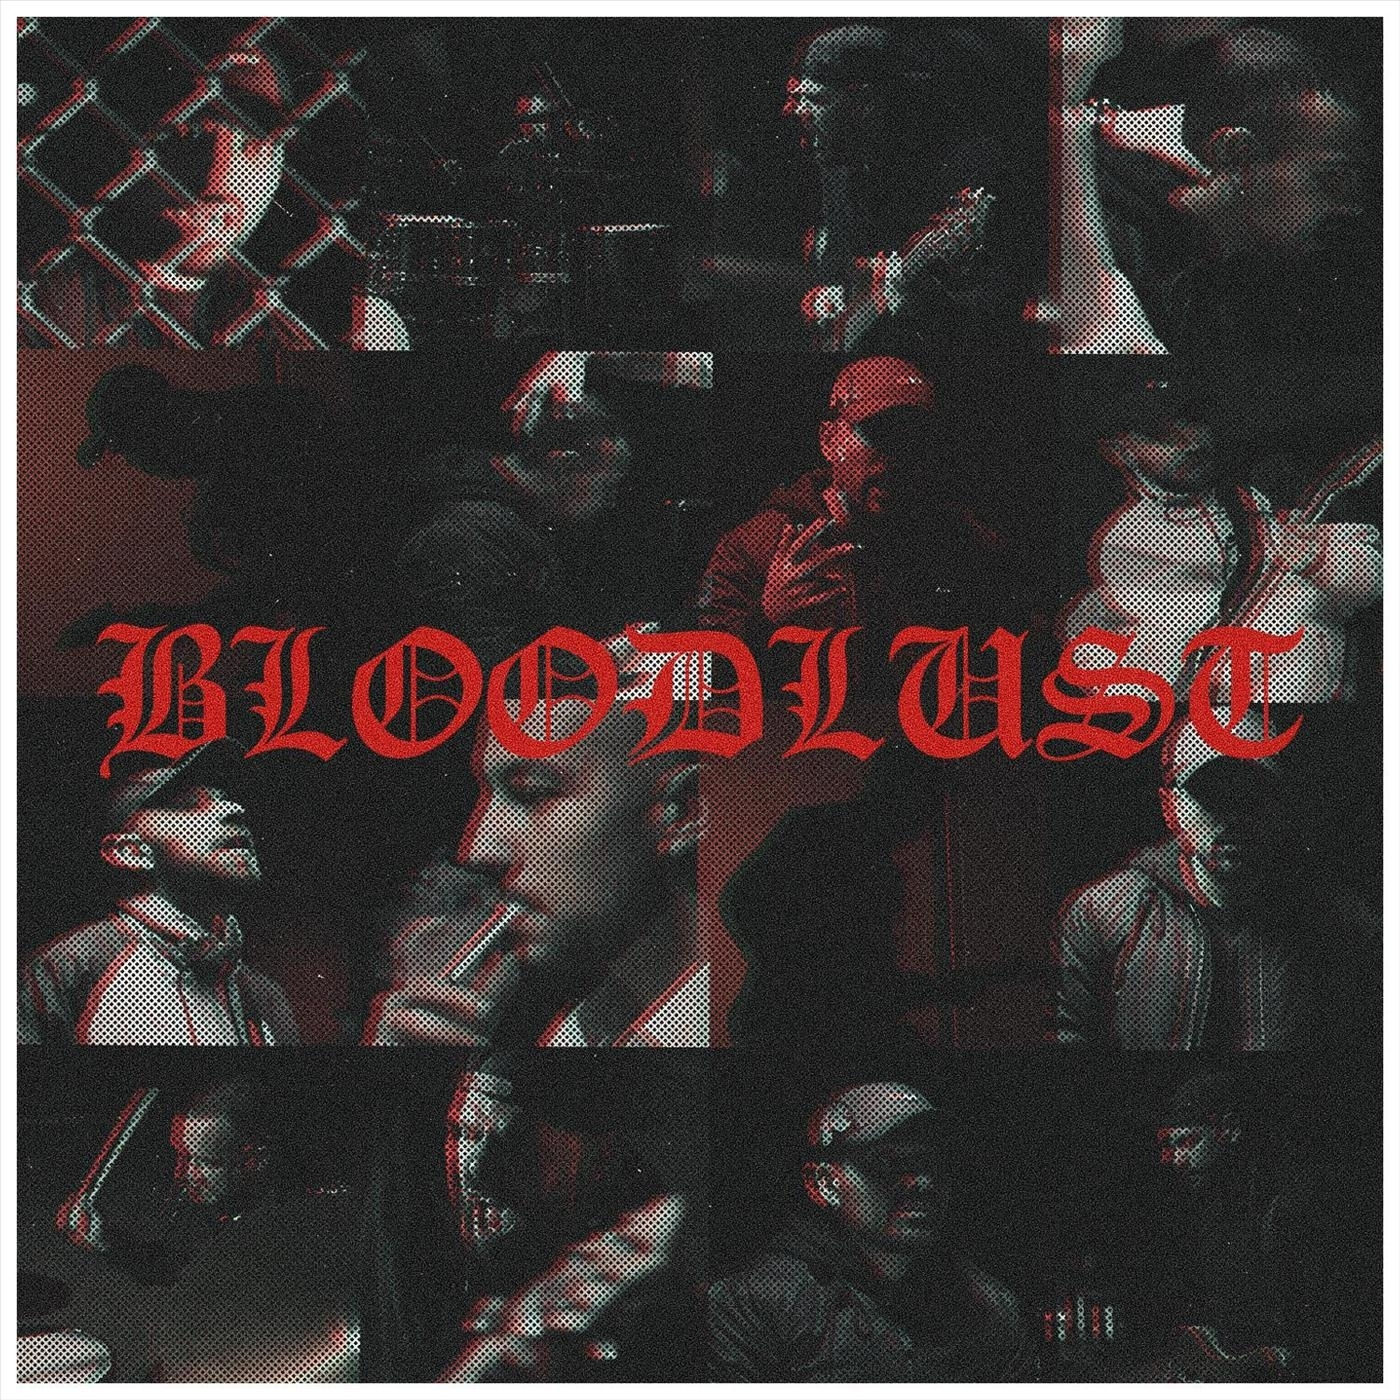 DVSR - Bloodlust [single] (2020)